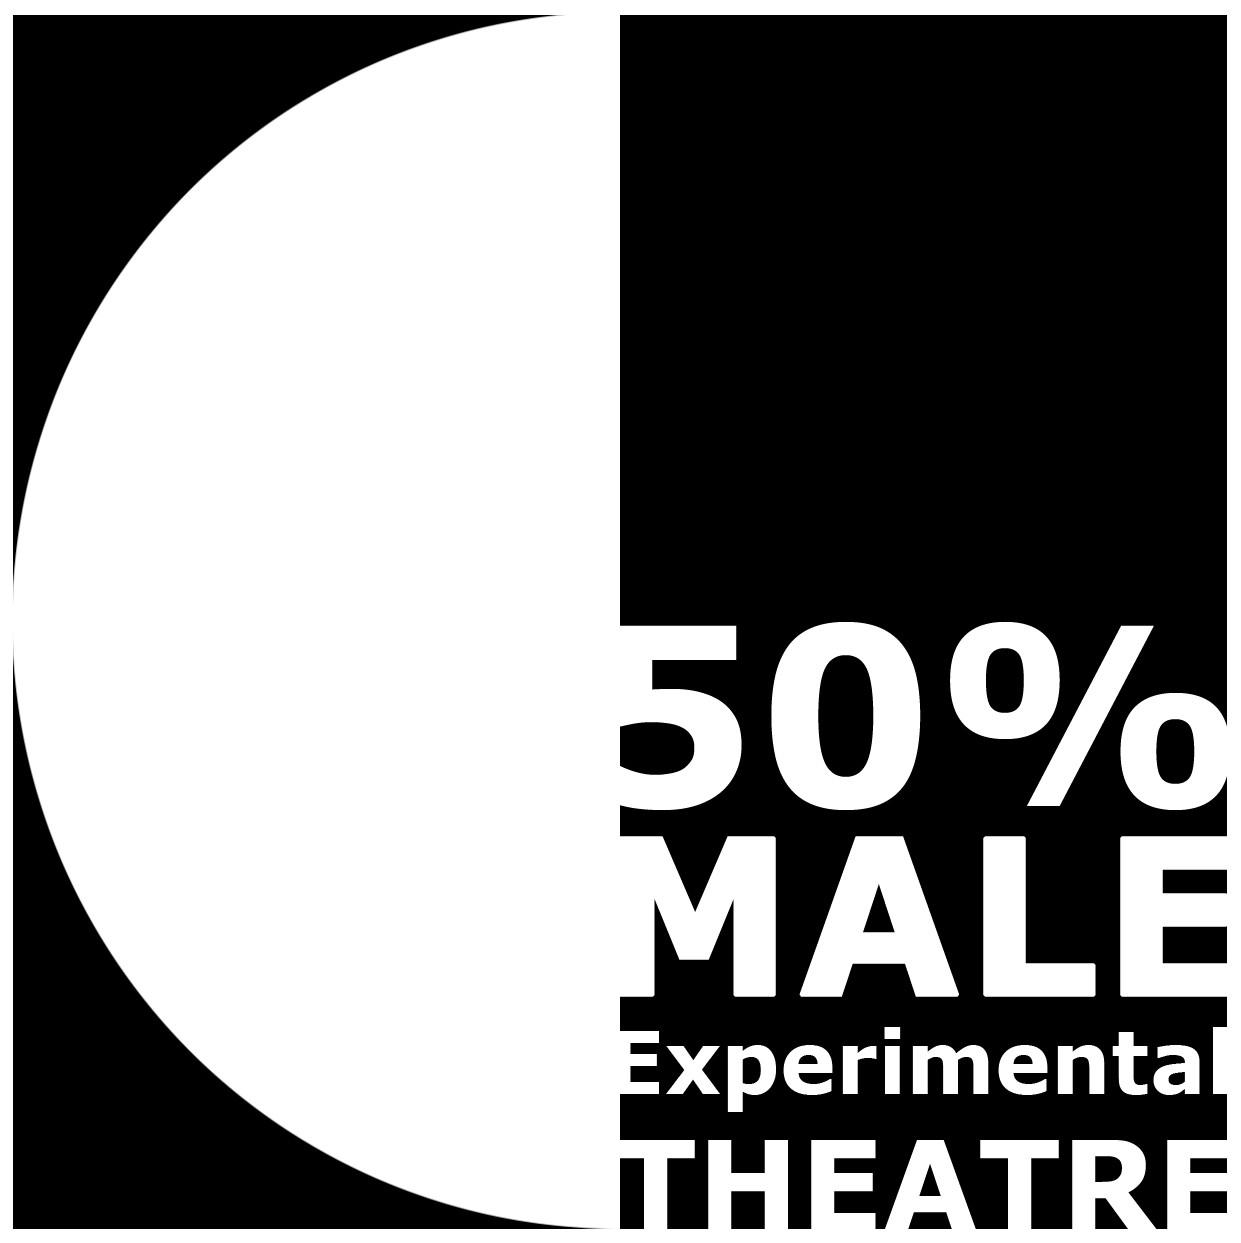 50% Male Experimental Theatre